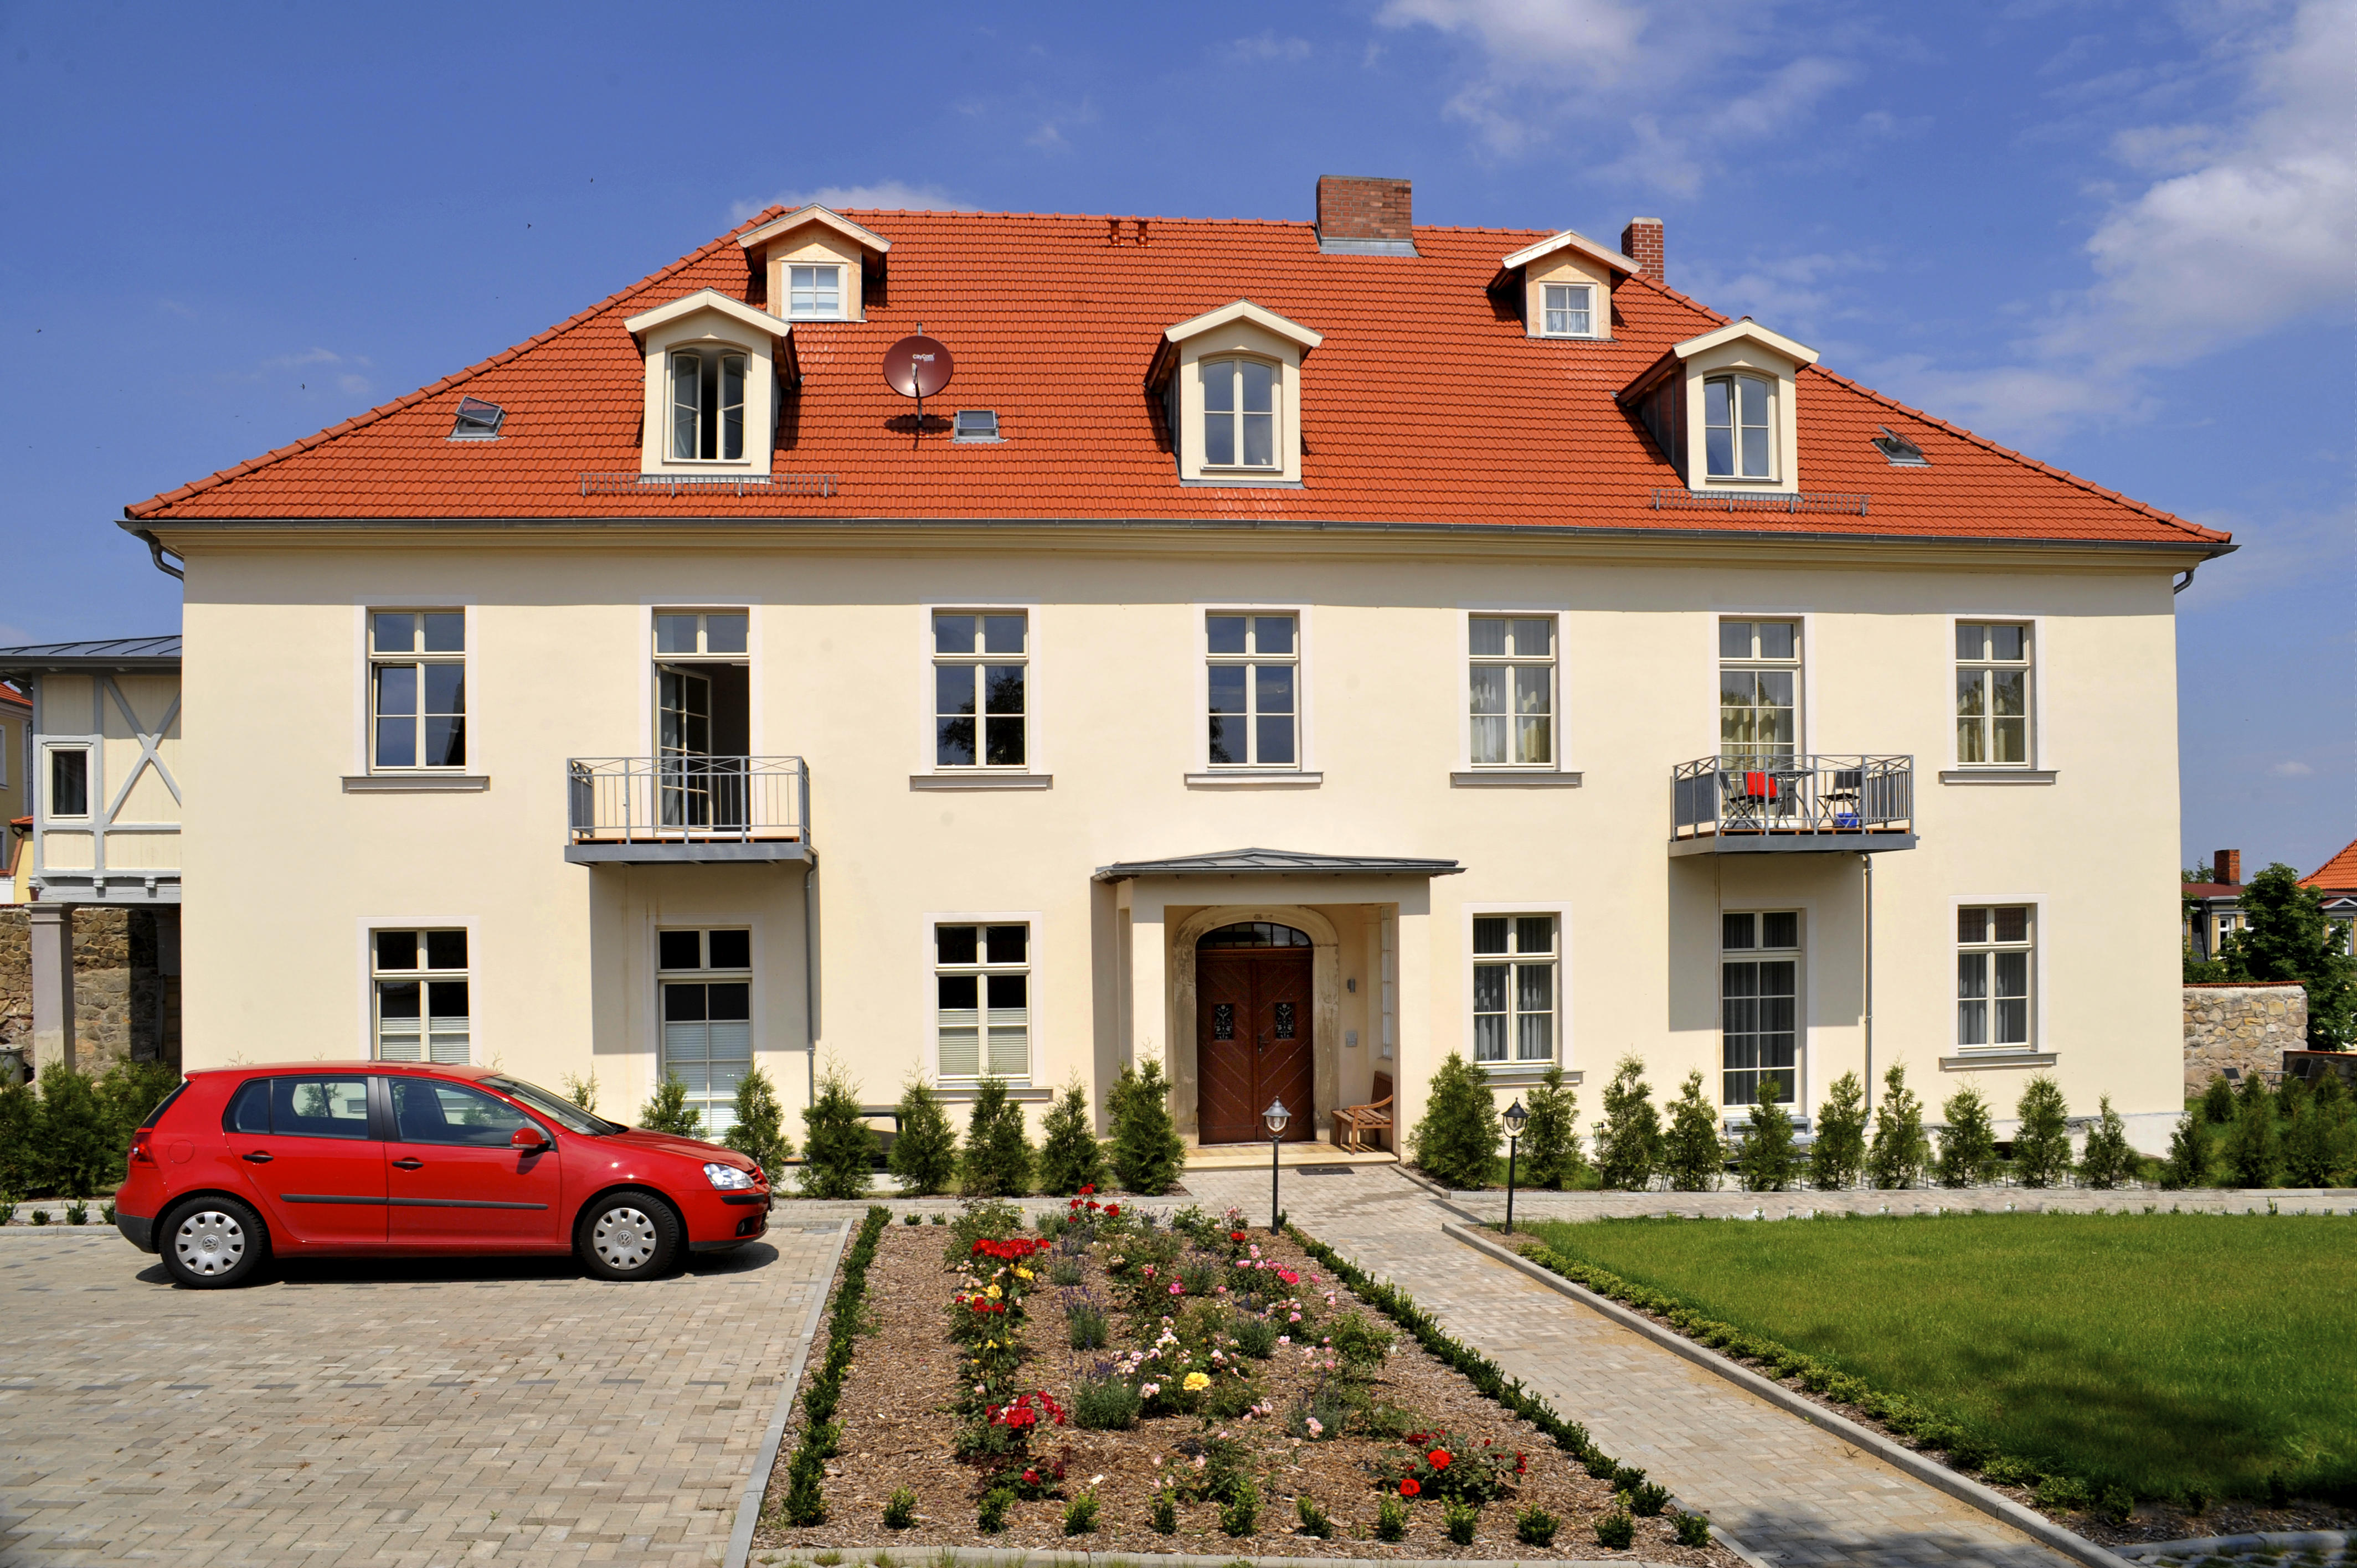 appartements residenz jacobs in ballenstedt holidaycheck sachsen anhalt deutschland. Black Bedroom Furniture Sets. Home Design Ideas